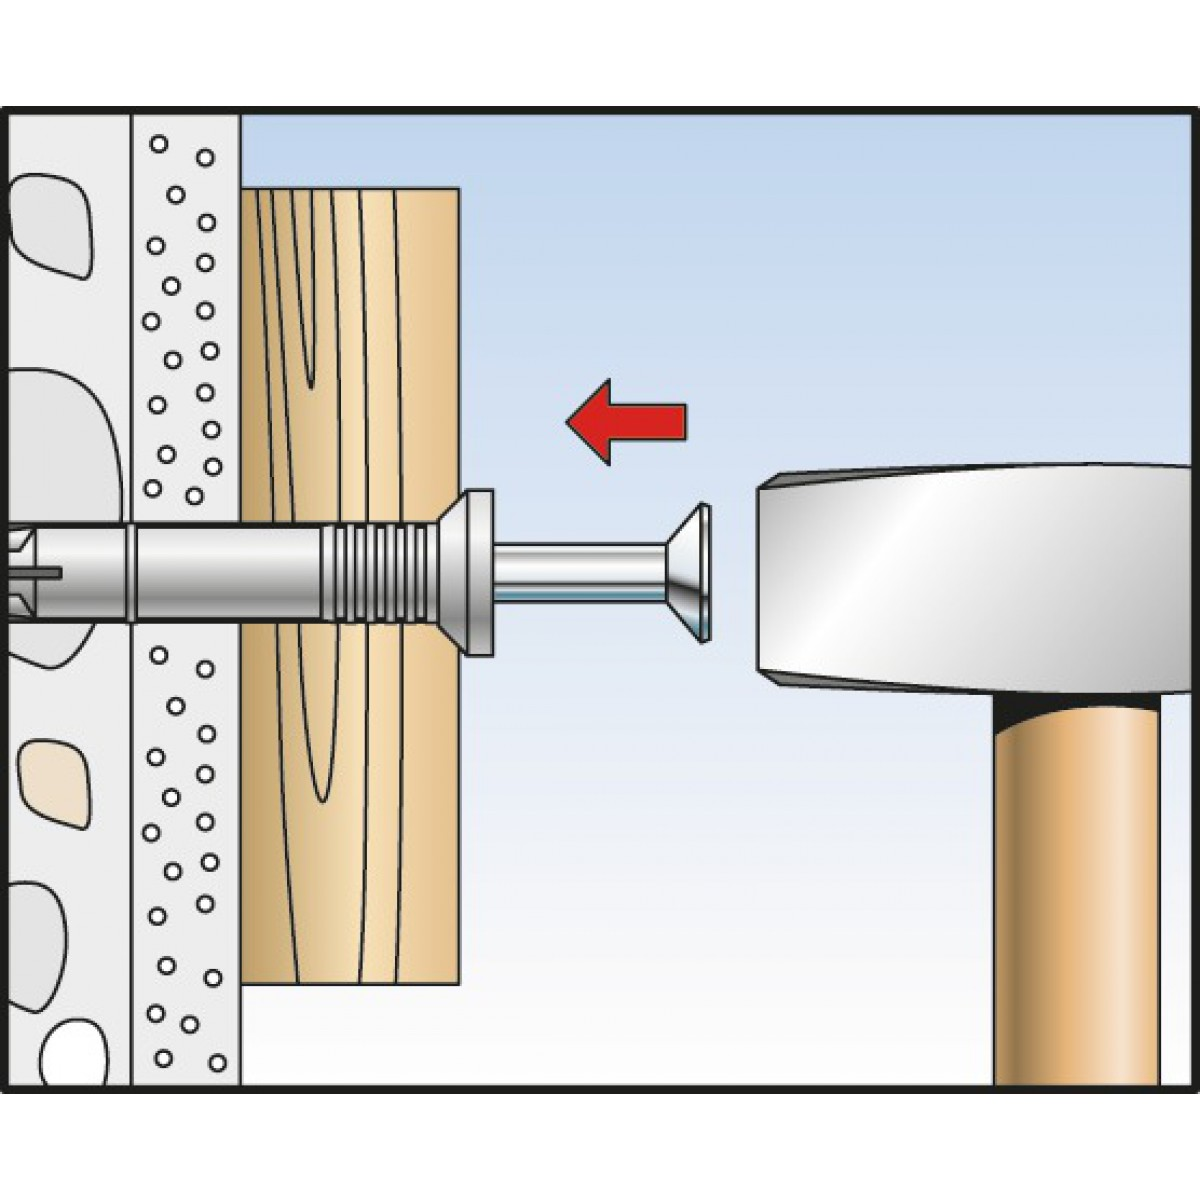 Cheville à frapper - 100 mm - Ø 8 mm - N-S - Boîte de 50 pièces - Fischer